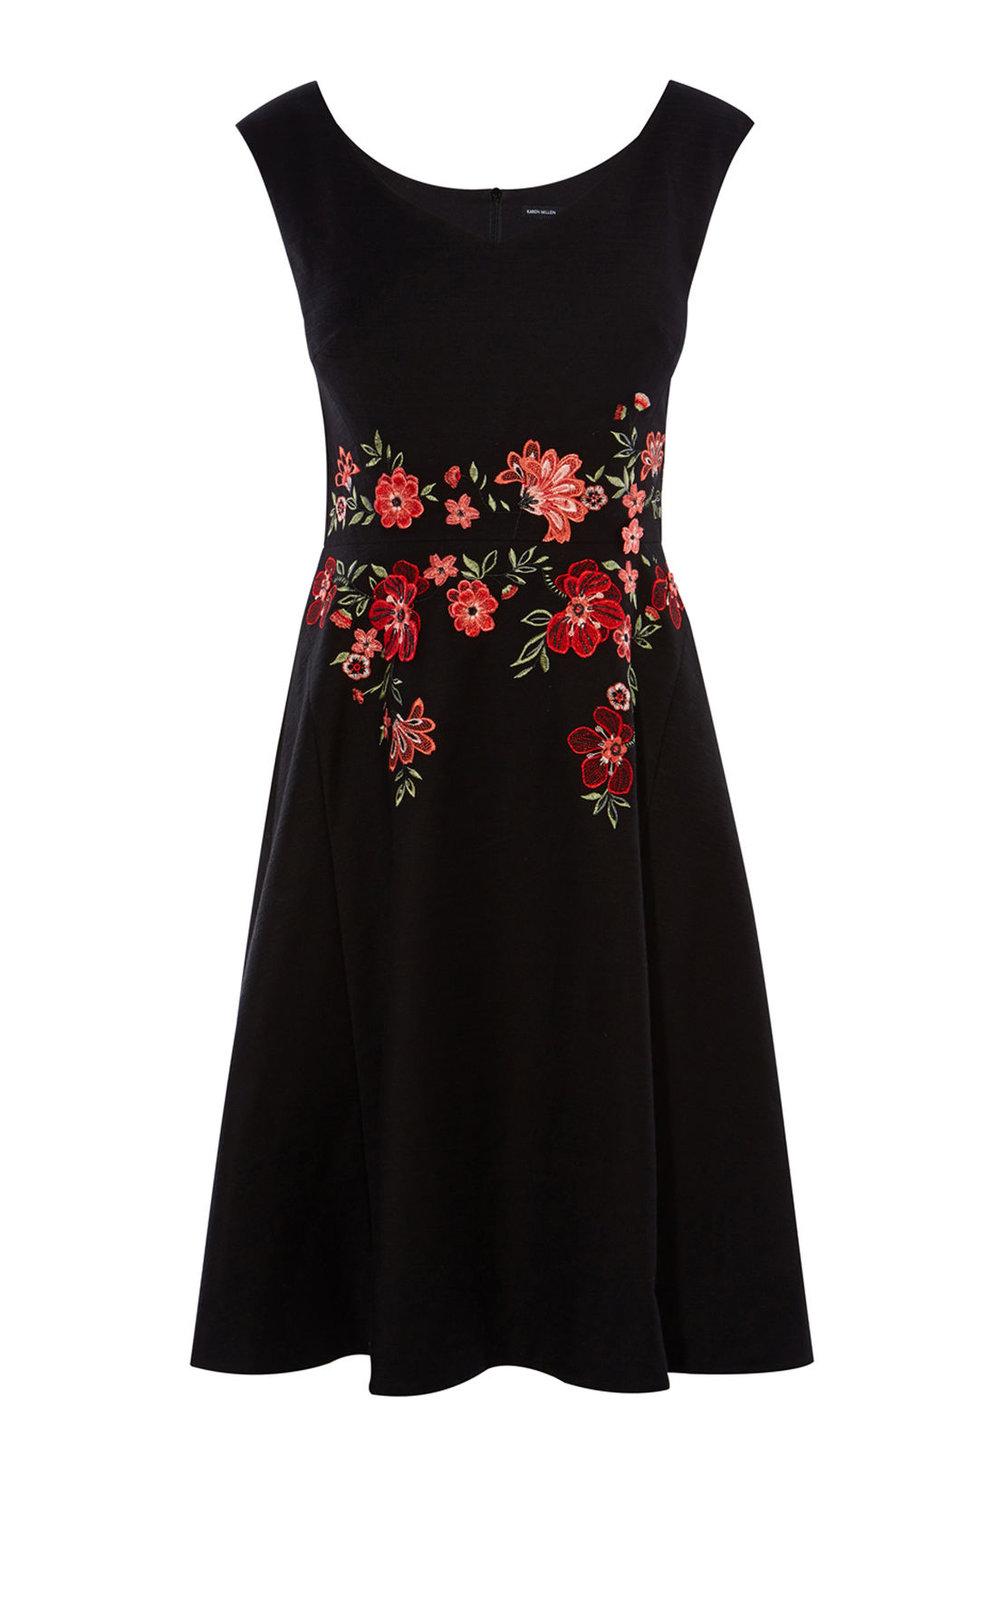 Black Karen Millen dress from karenmillen.com